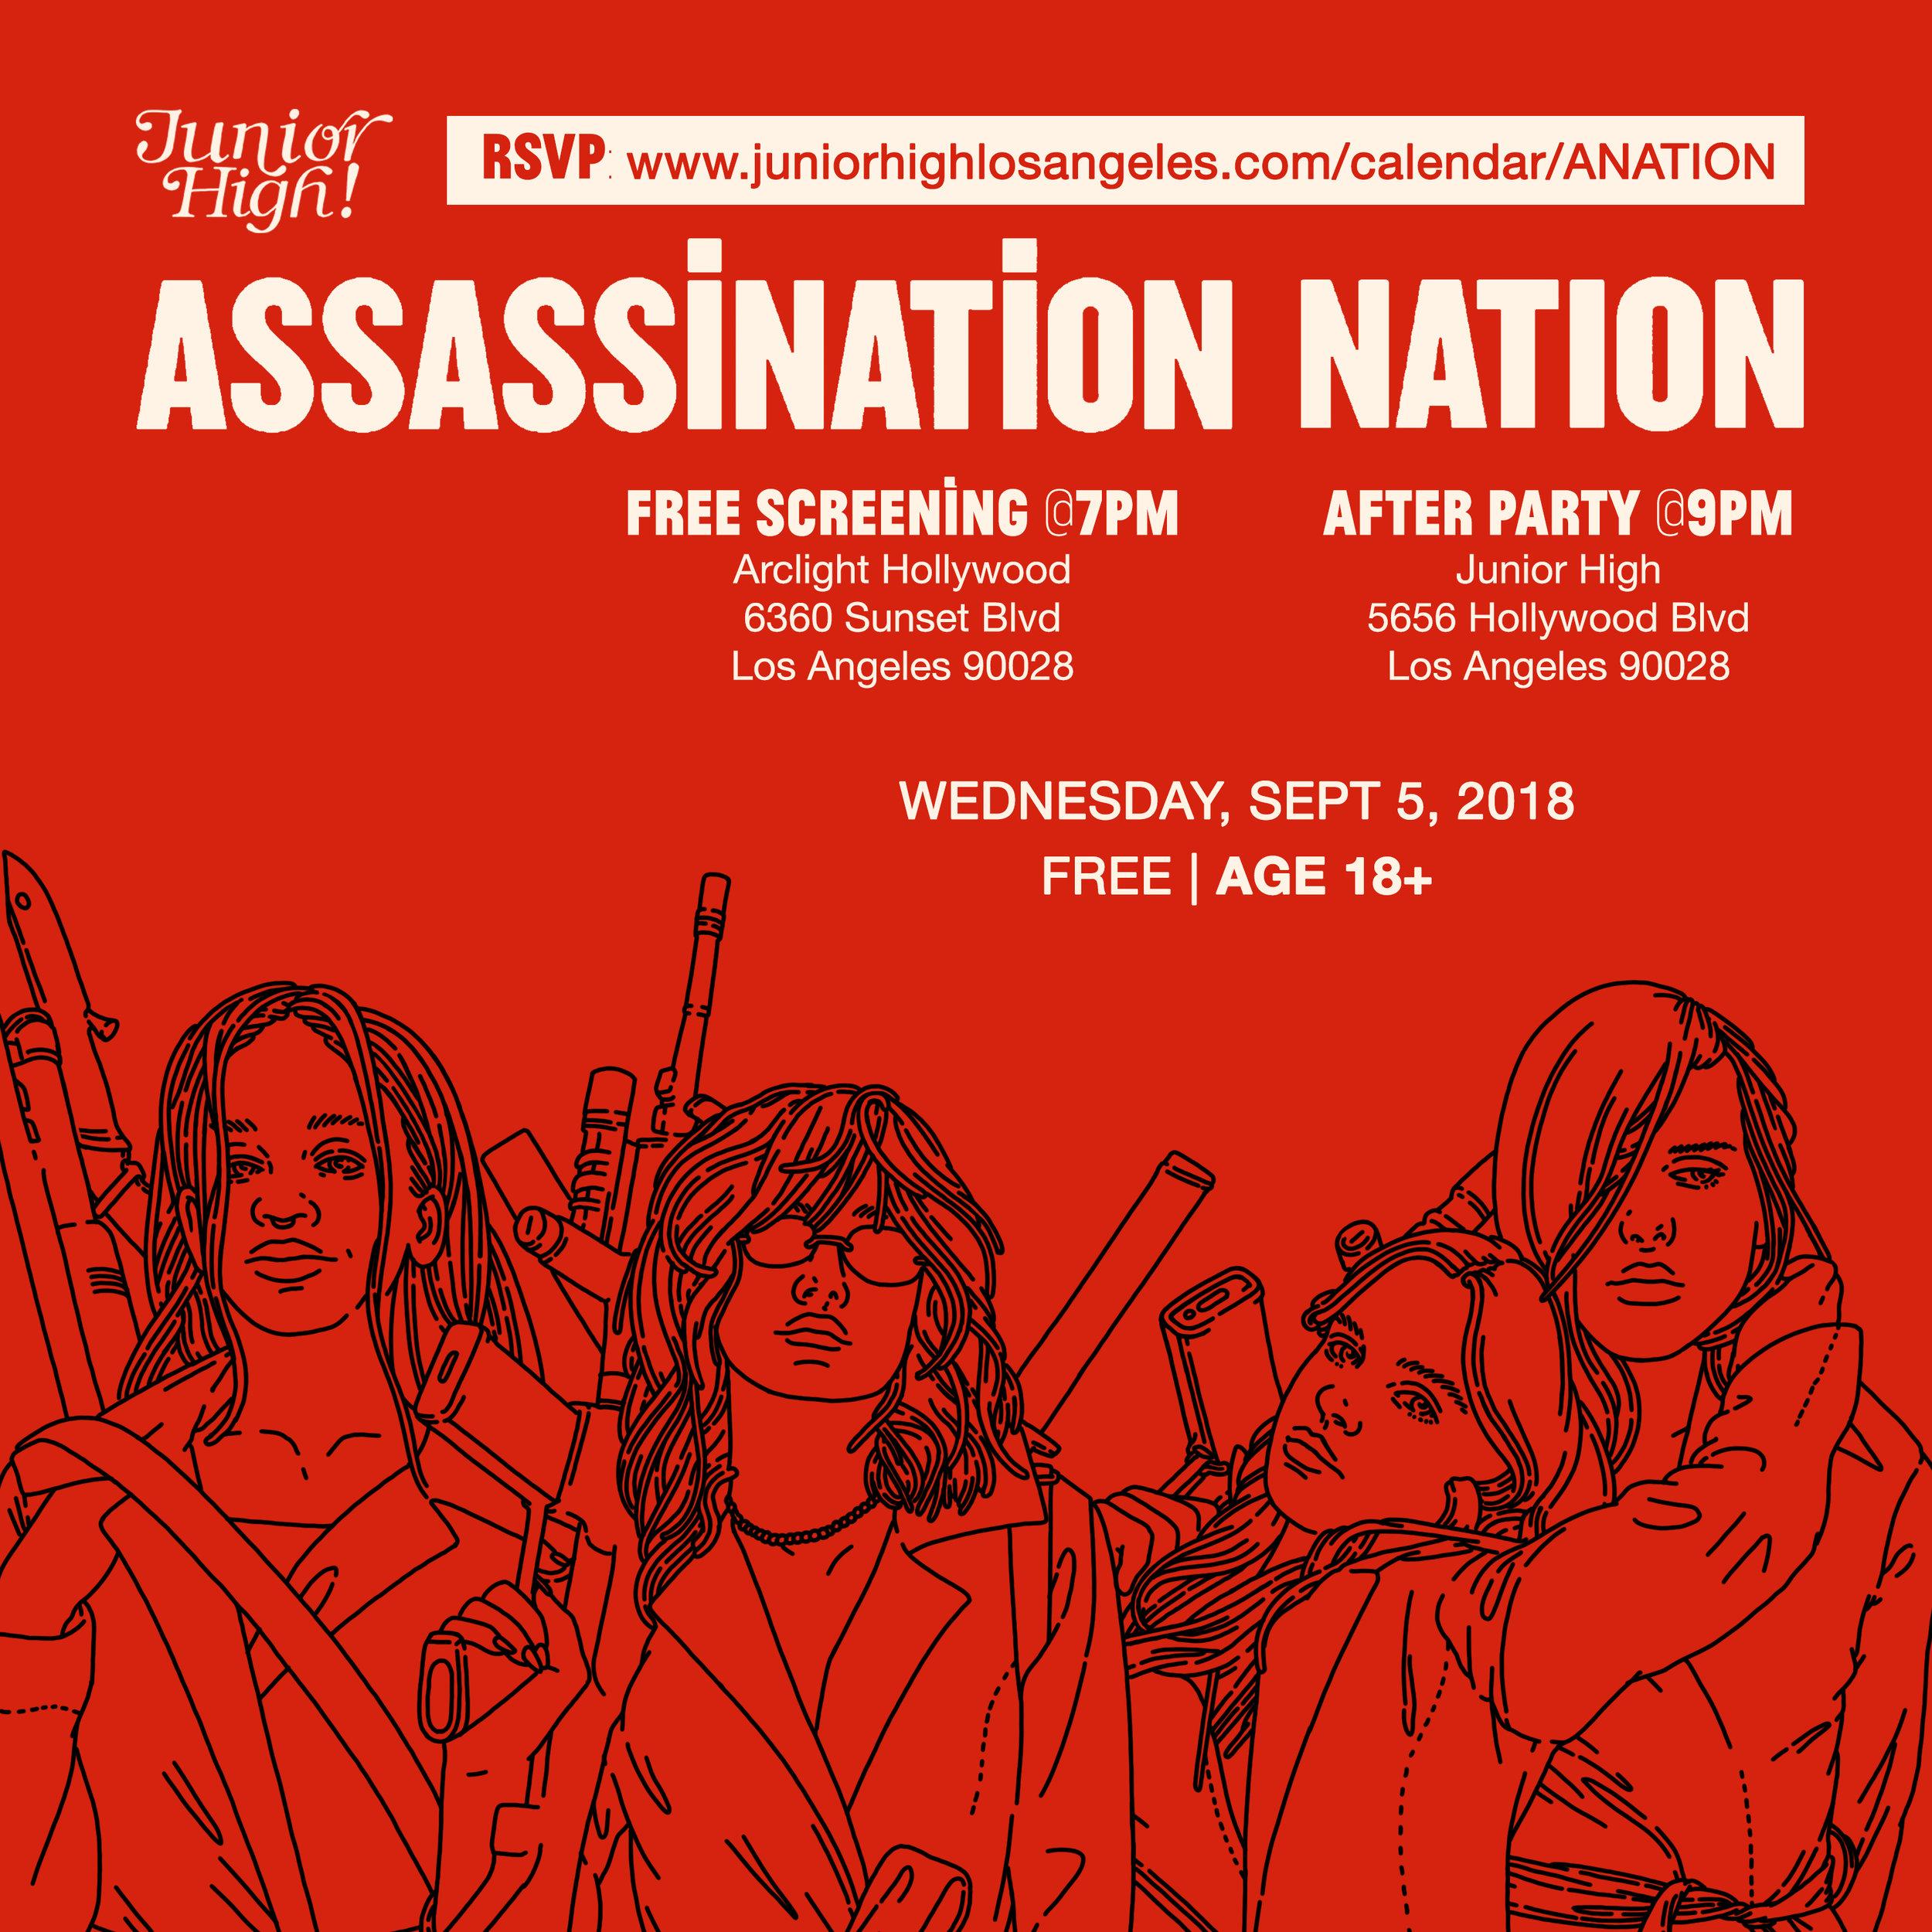 Assassinationnation.jpg